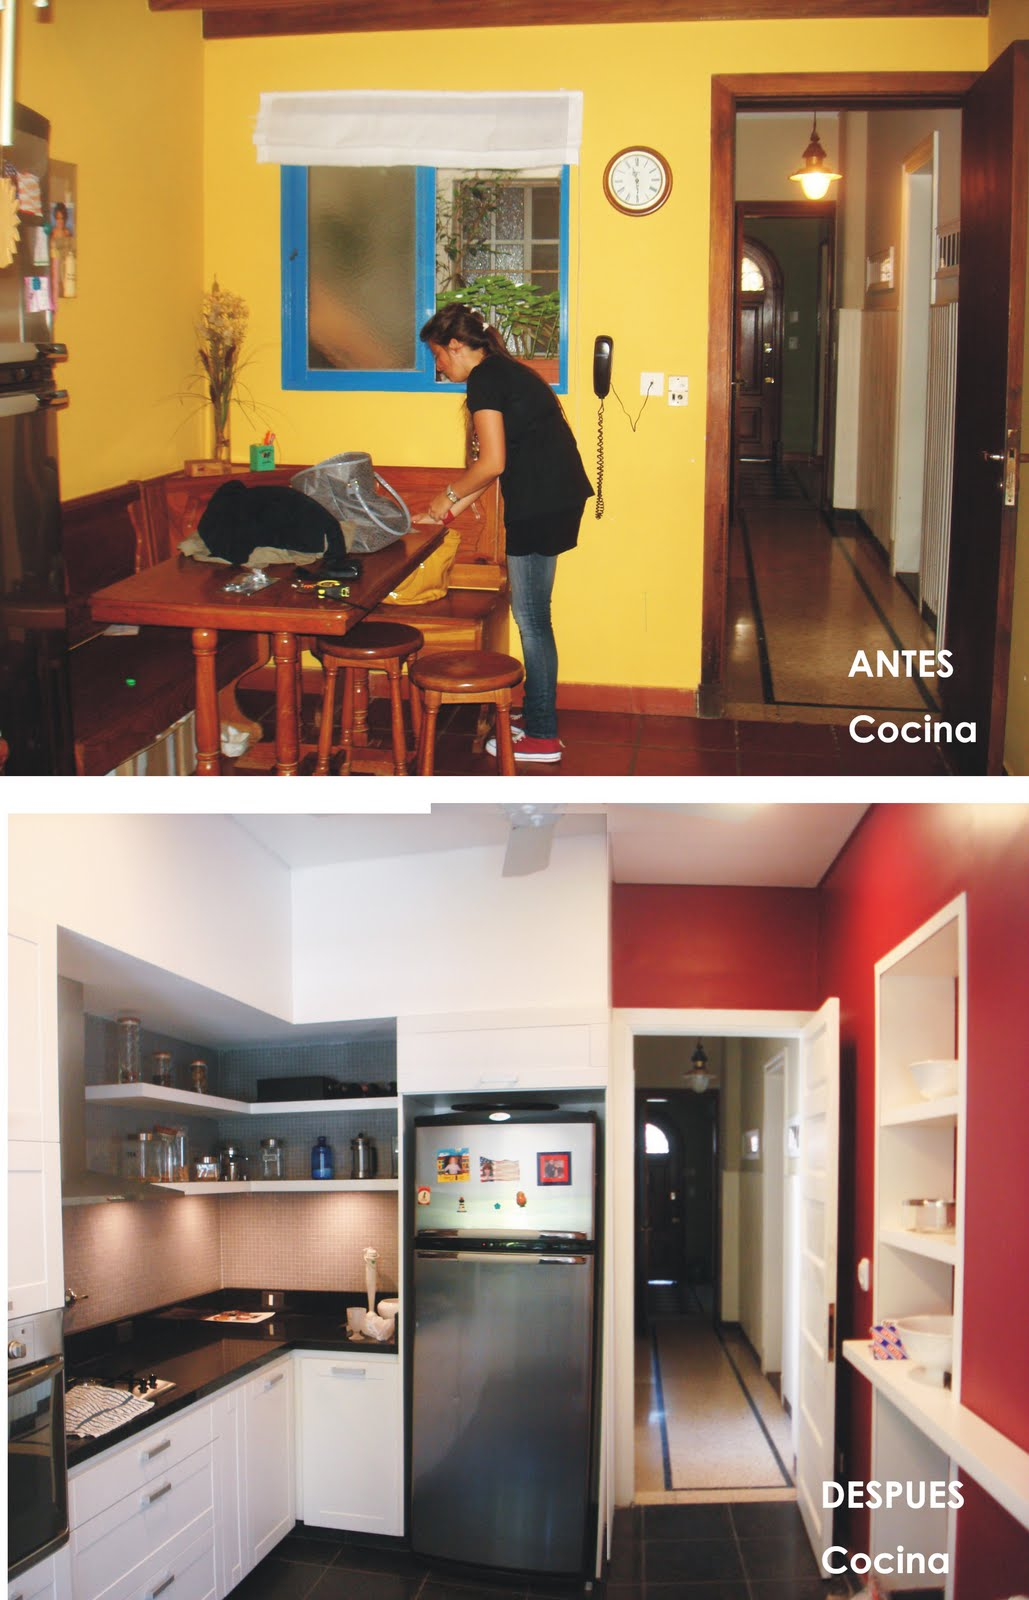 Reforma casa tv 2009 antes y despu s - Reformas de cocinas antes y despues ...